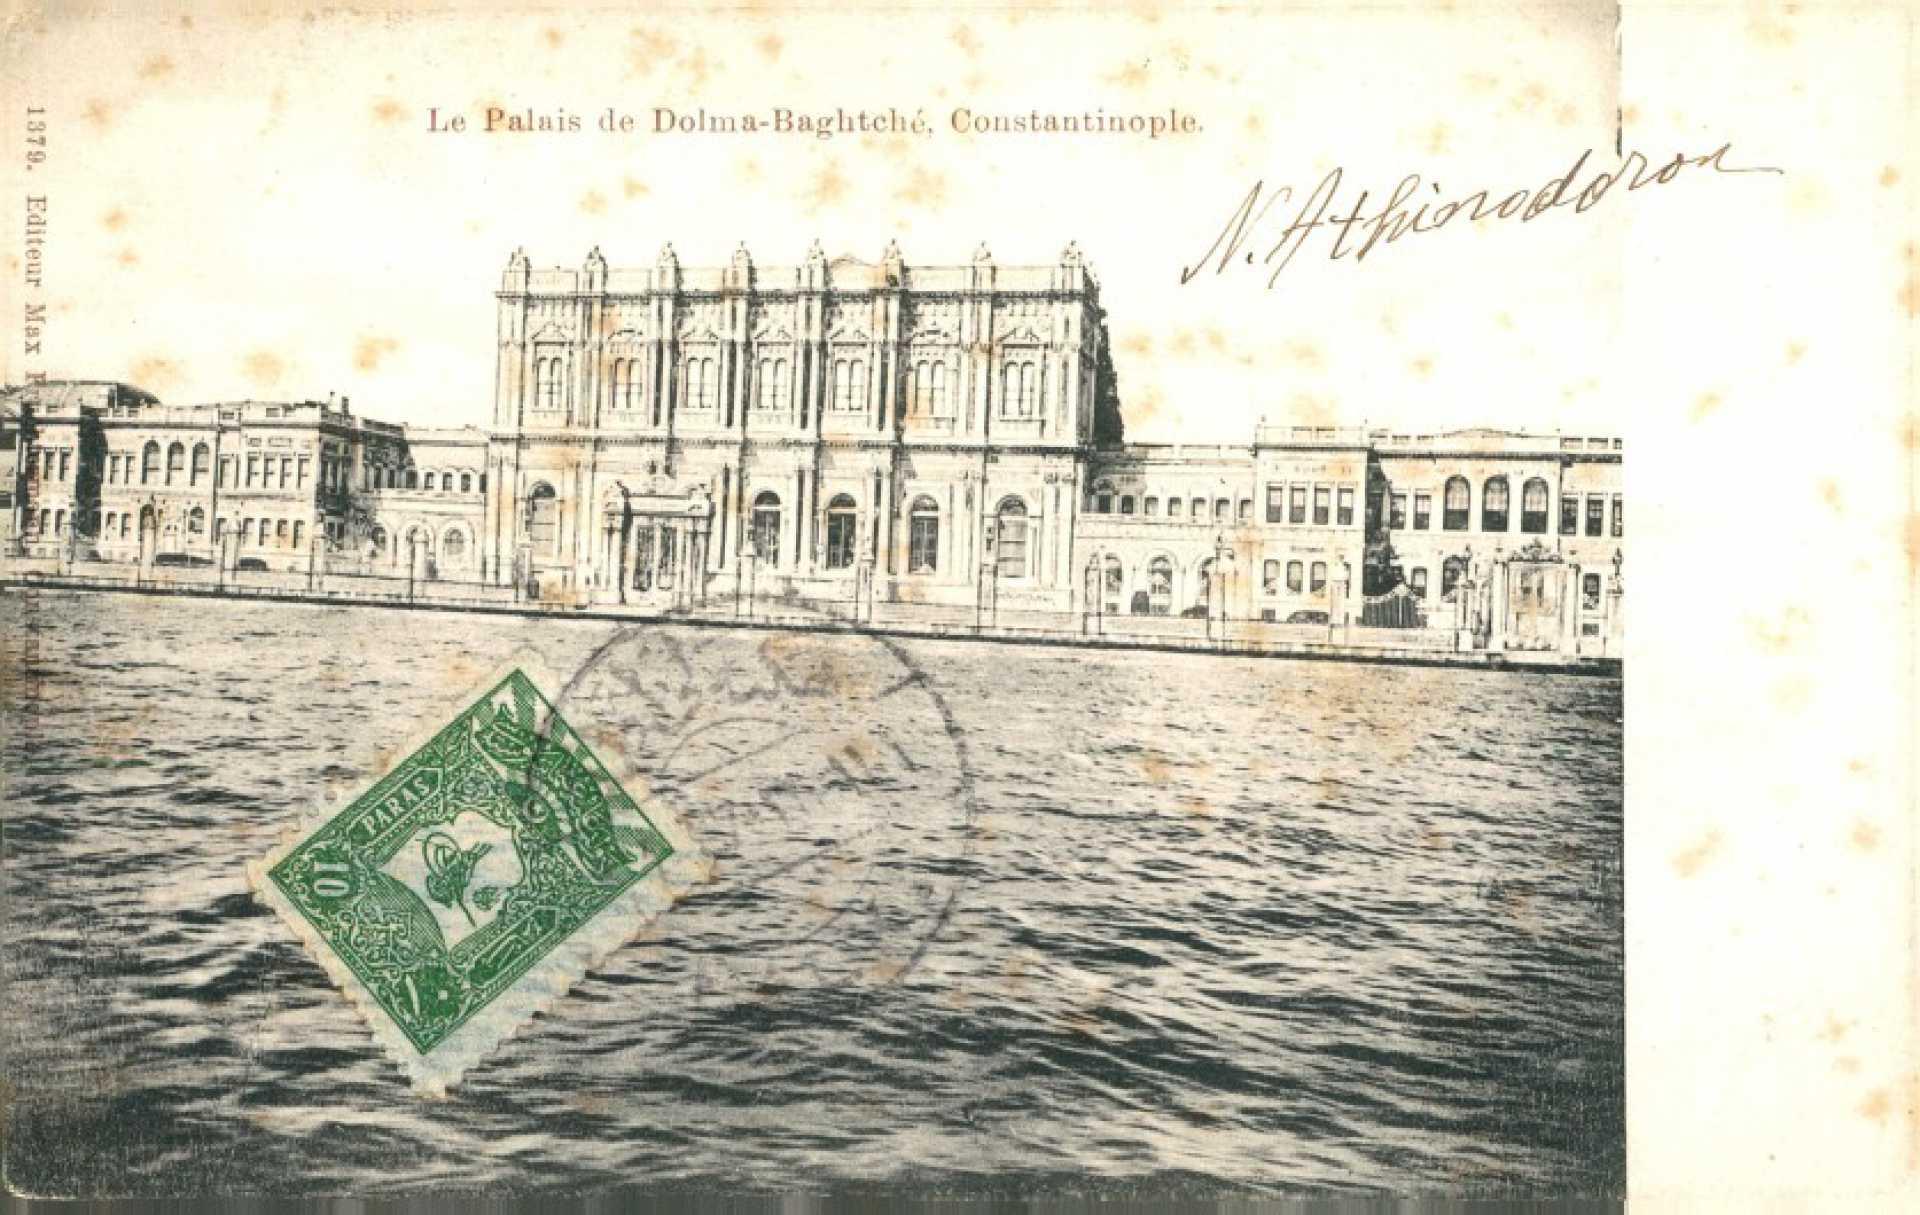 Le Palais de Dolma-Baghche